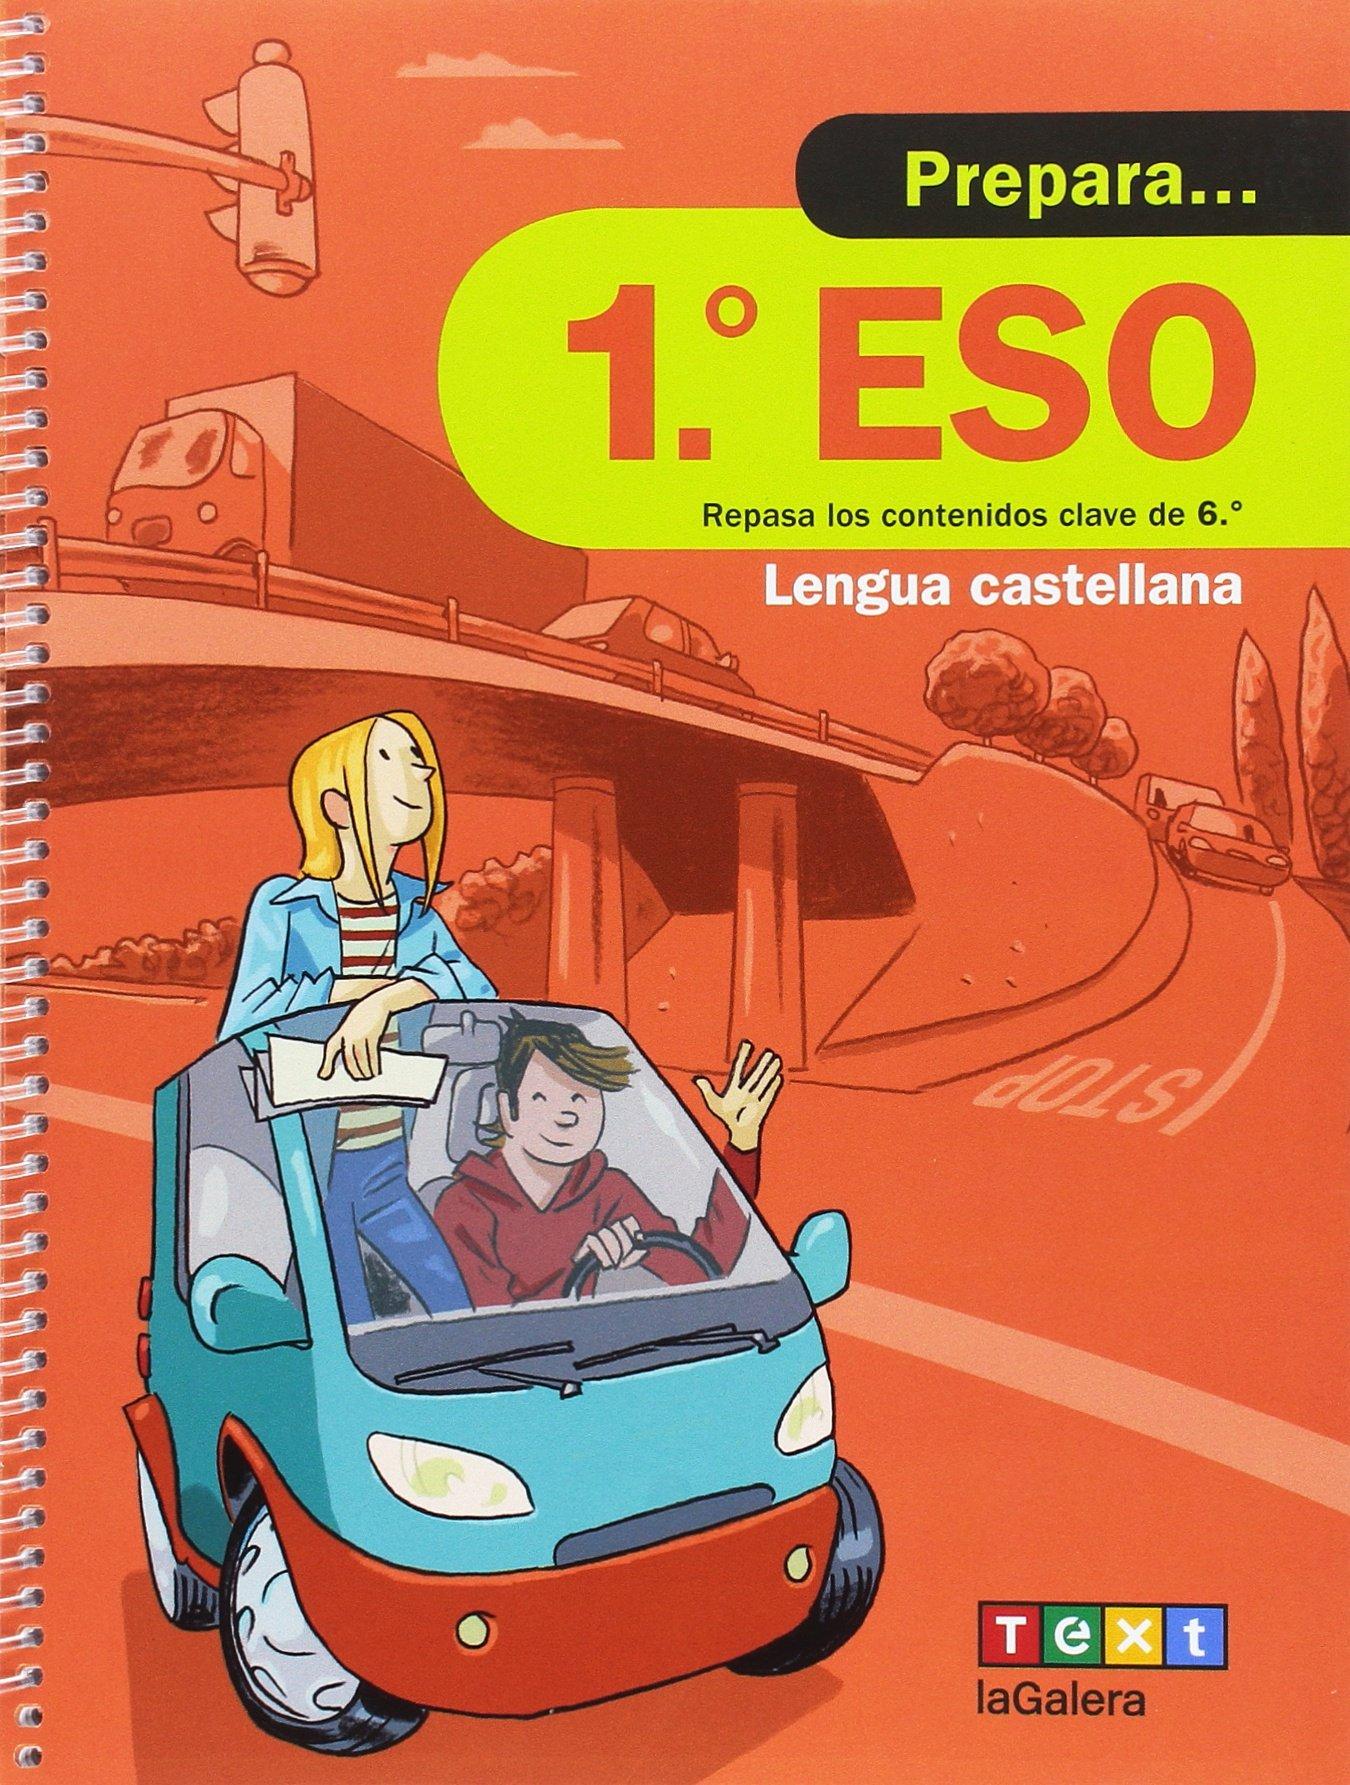 Prepara 1r ESO Lengua castellana Quaderns estiu - 9788441230392: Amazon.es: Luz Orihuela: Libros